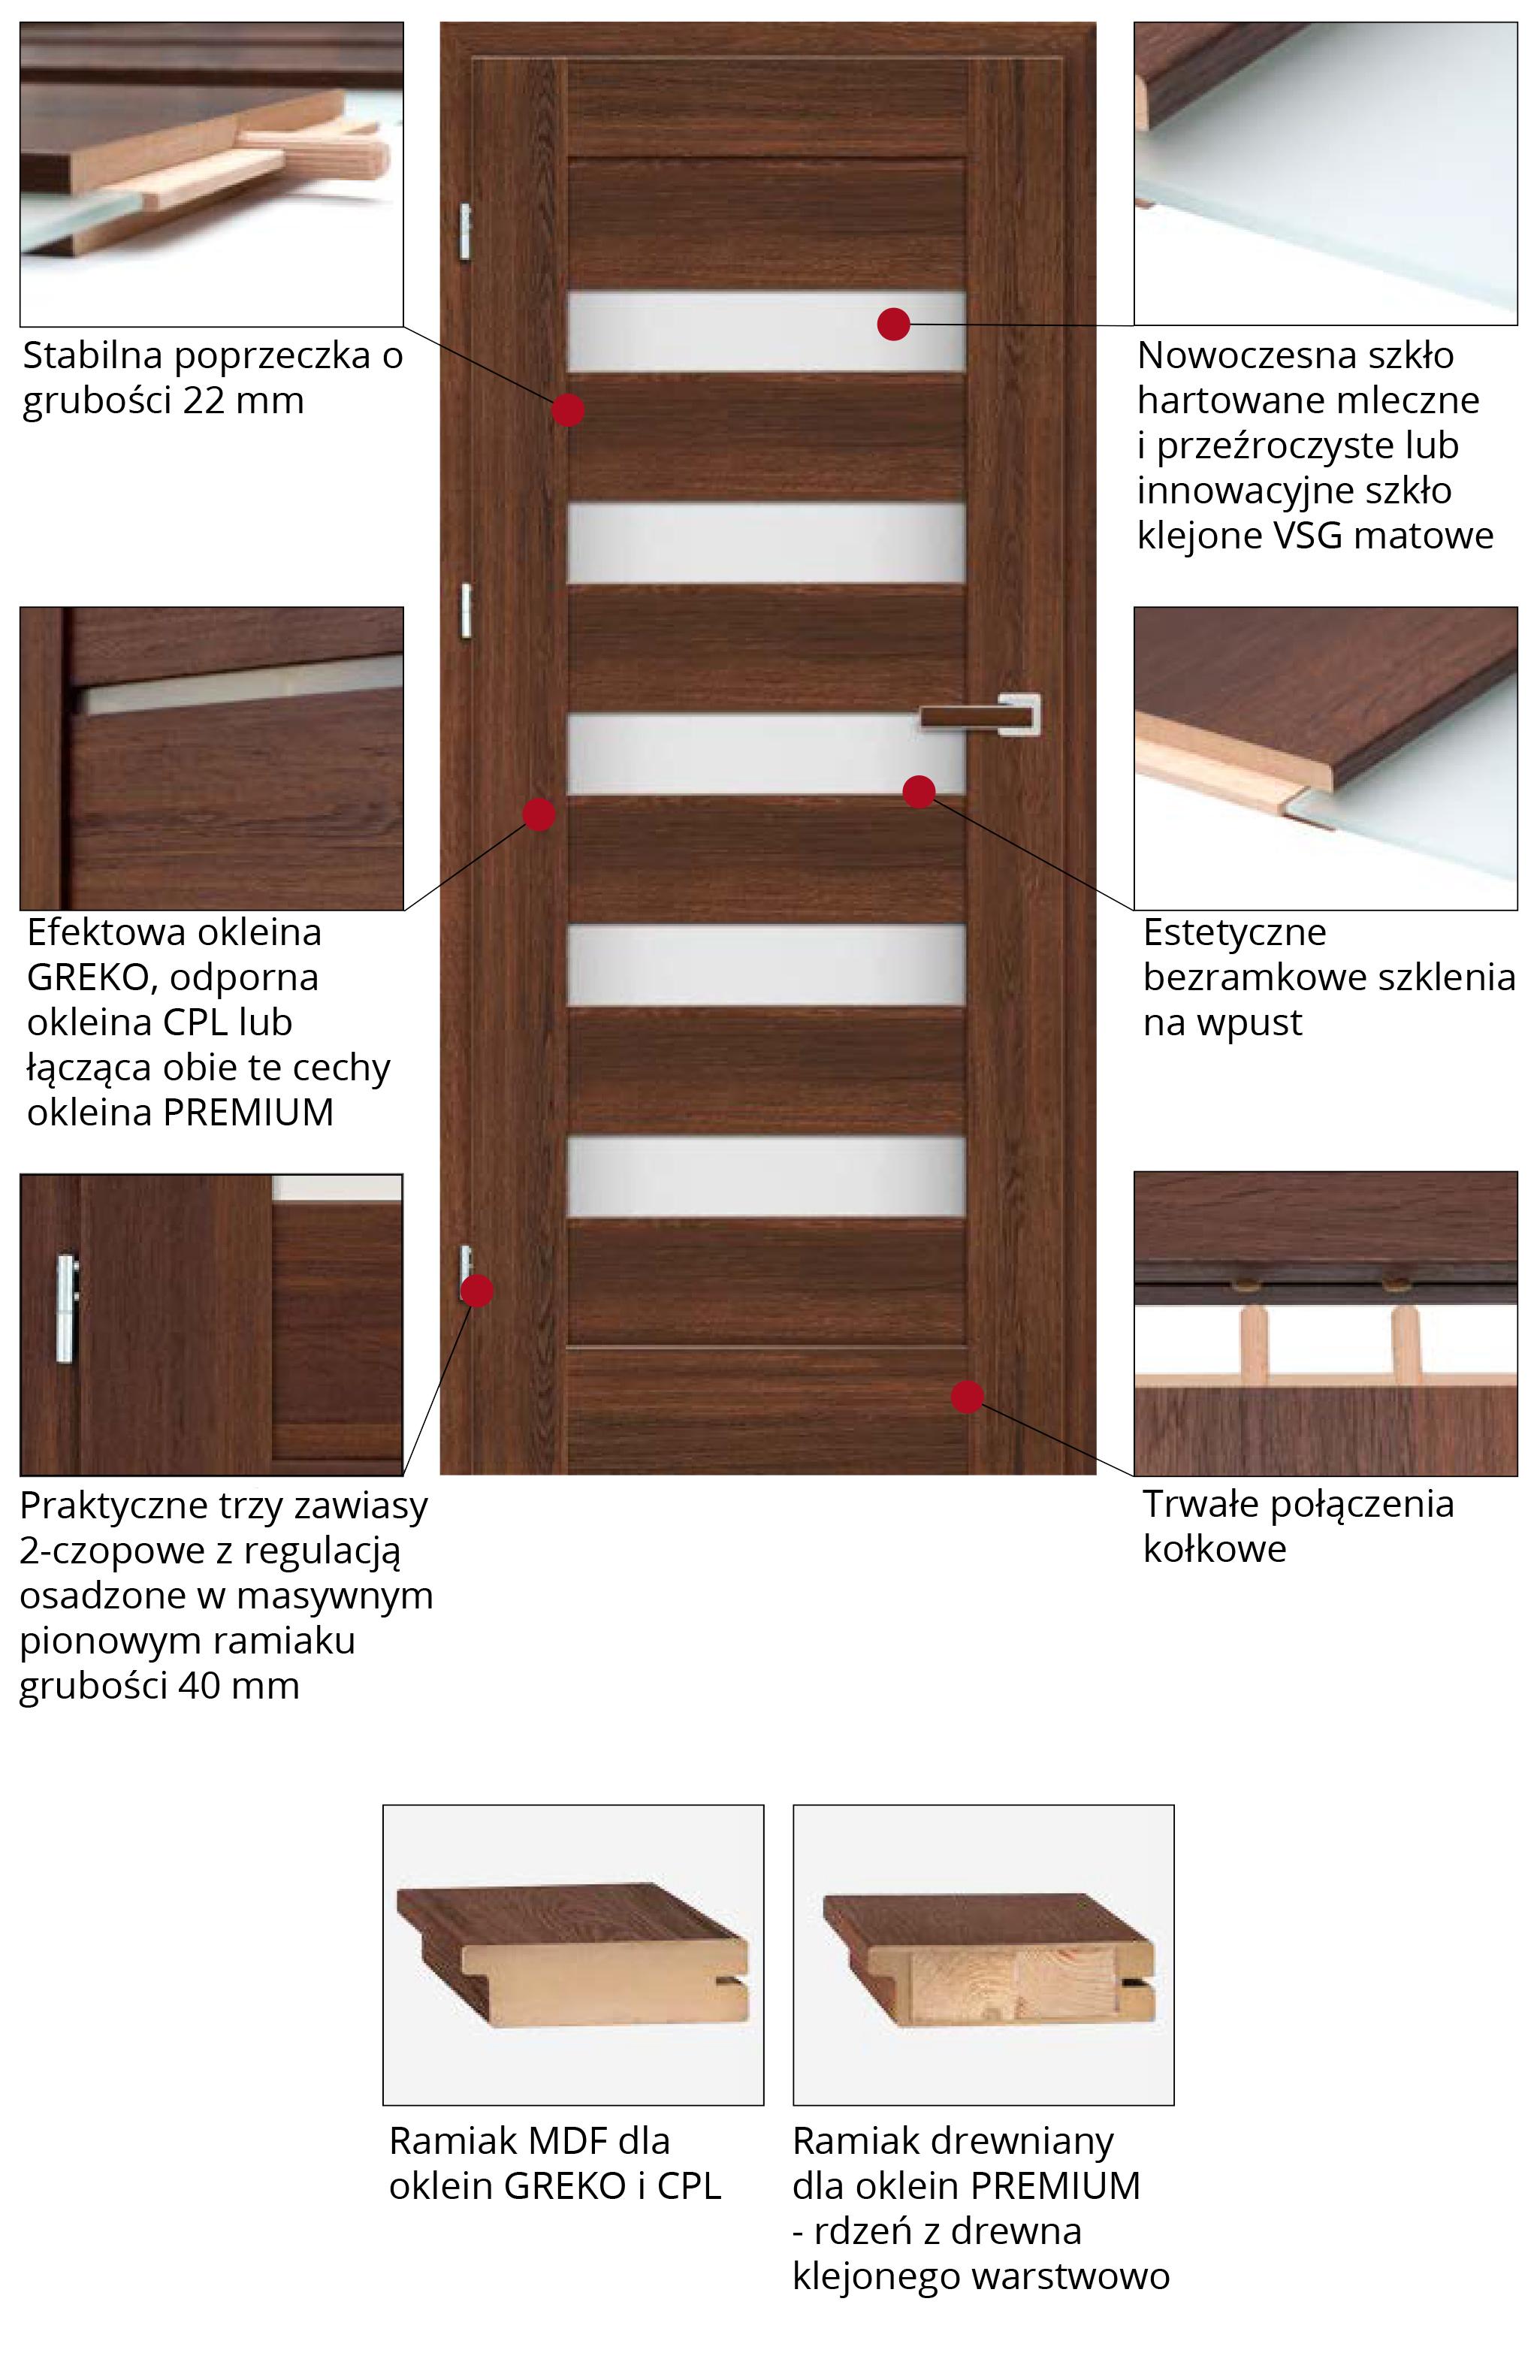 schemat drzwi ramiakowych 1.jpg